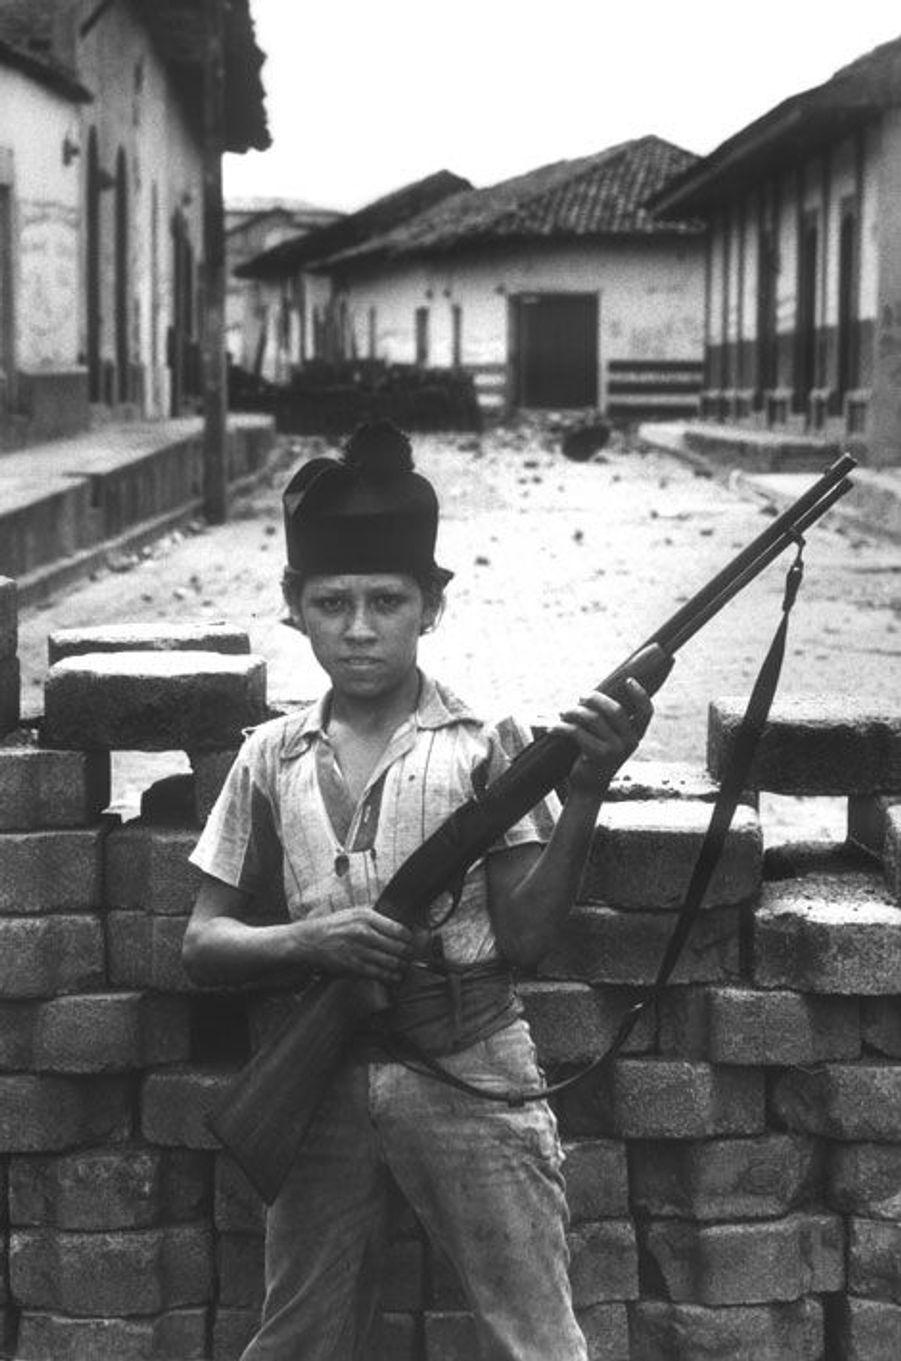 Nicaragua, juin1979, à l'époque de la révolution sandiniste. Un gosse armé pendant la bataille de Leon, la deuxième ville du pays.